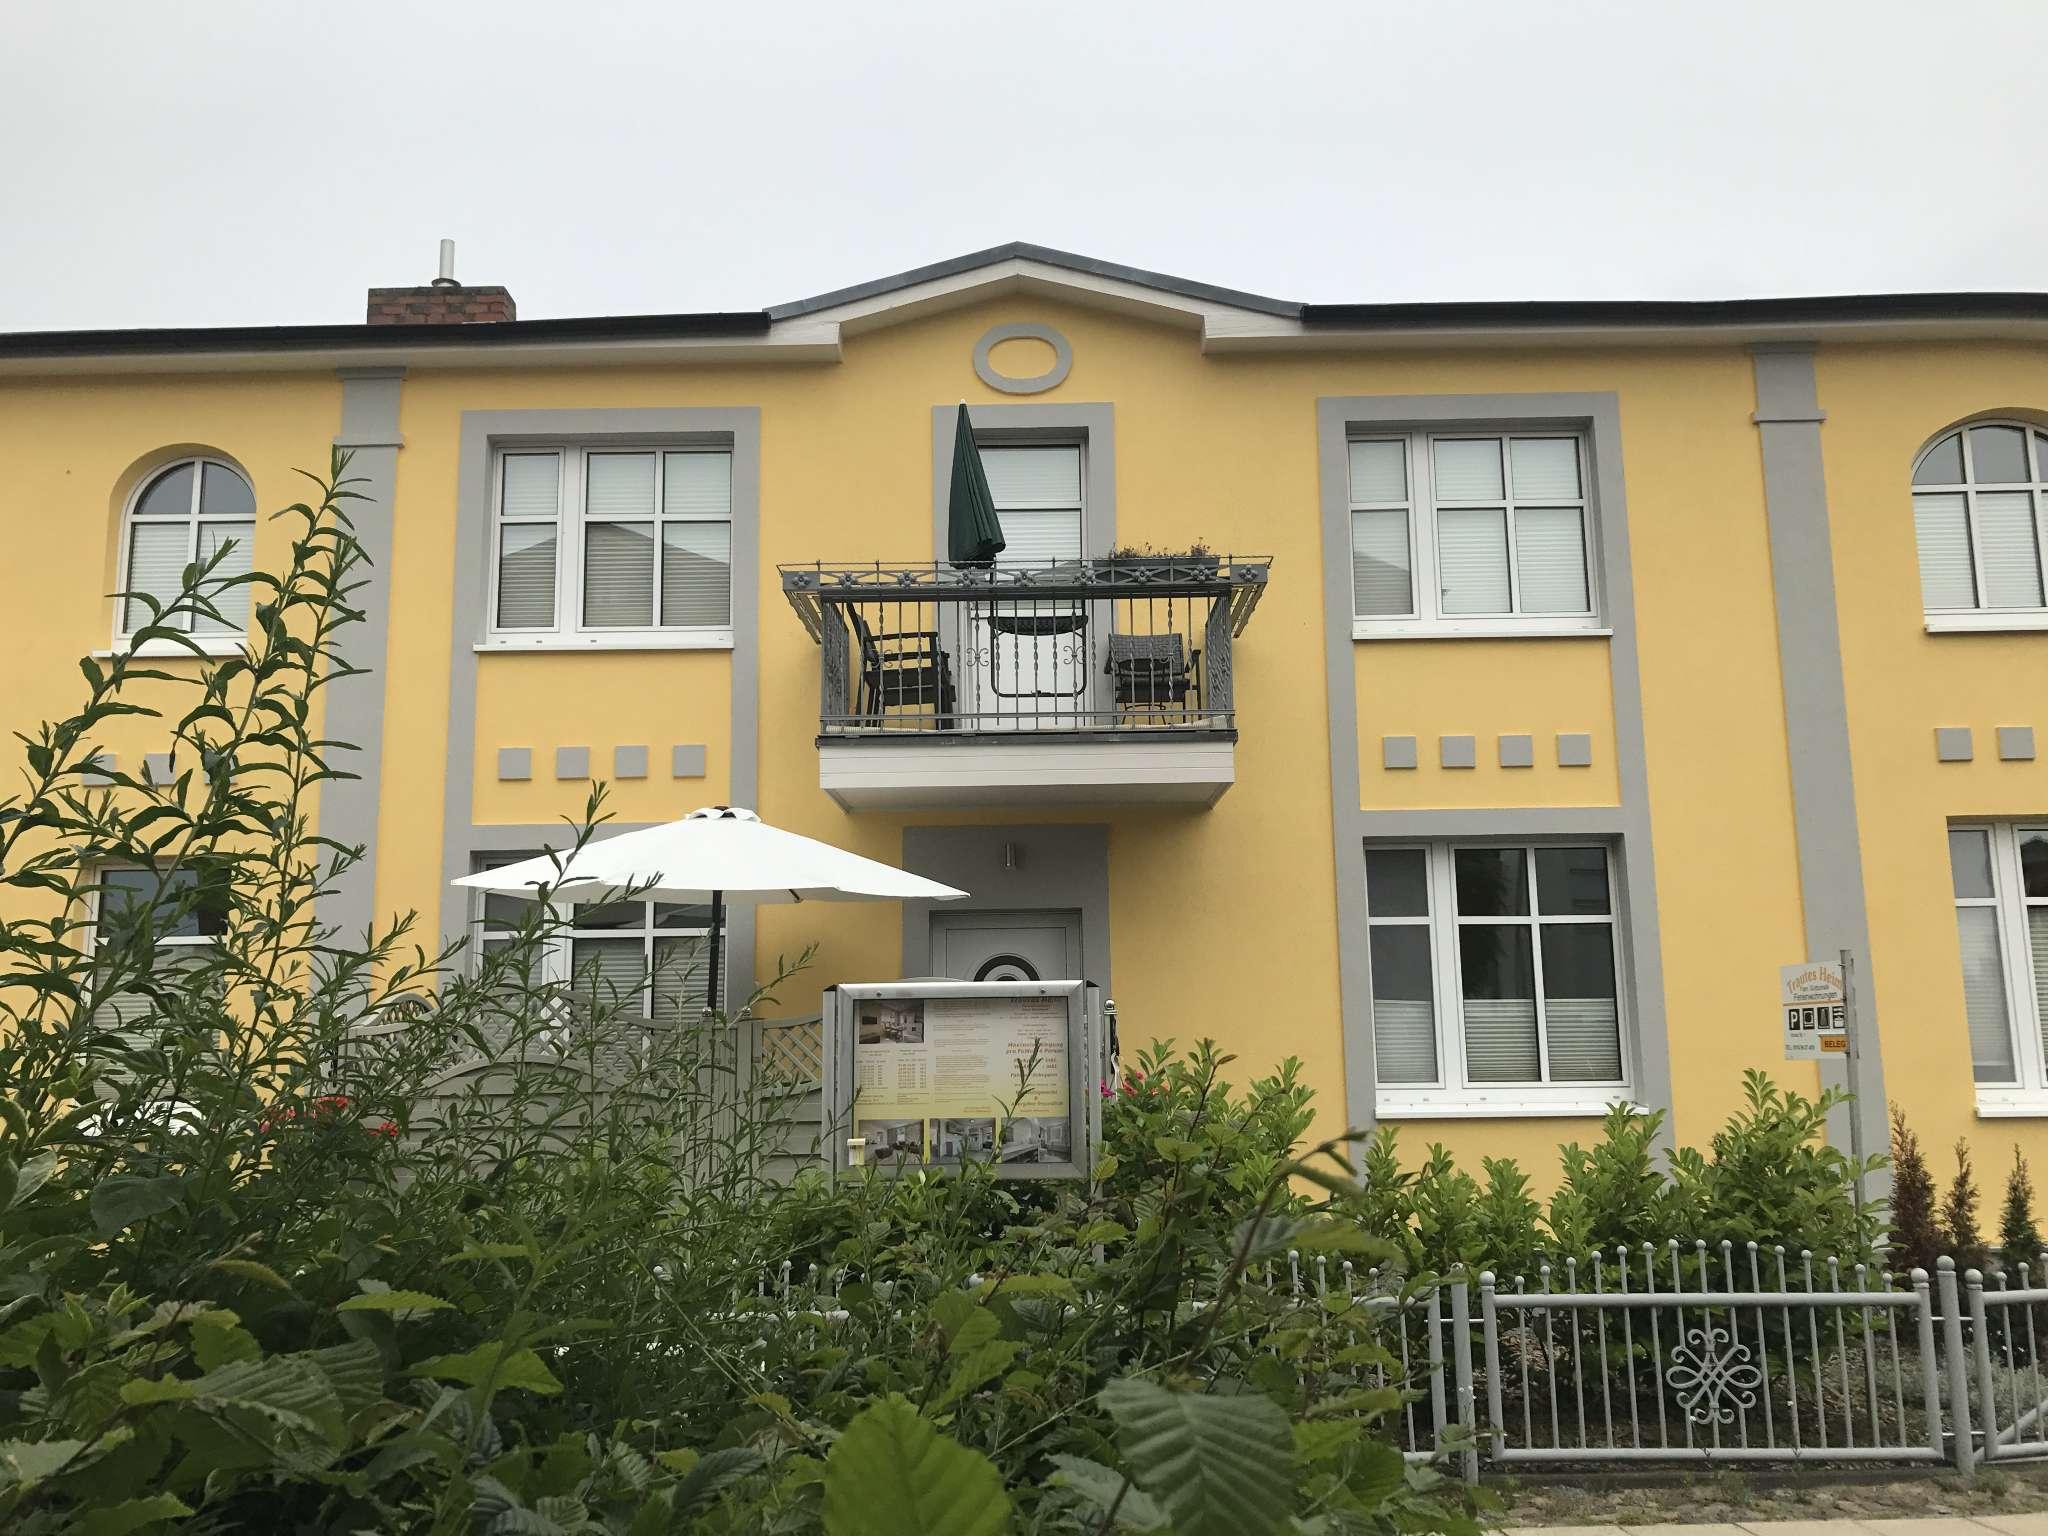 ferienwohnung balkonwohnung in seebad ahlbeck mecklenburg vorpommern marta gottschalk. Black Bedroom Furniture Sets. Home Design Ideas